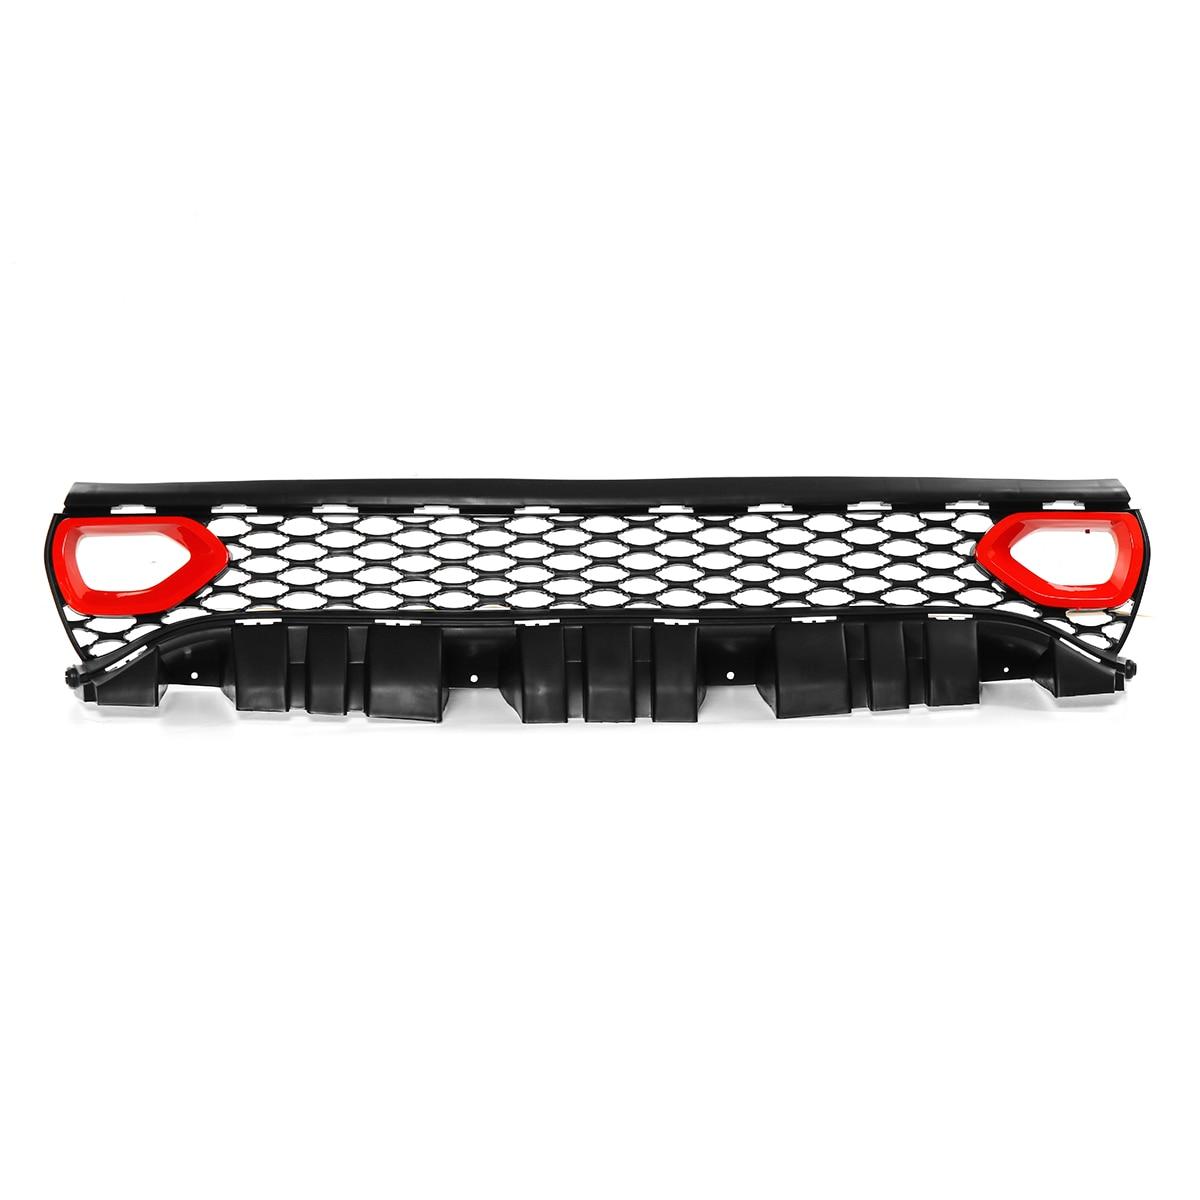 Упаковка стиль SRT/Scat гриль автомобильный передний бампер сетка решетка верхний гриль решетка для Dodge для зарядного устройства SRT/Scat 2015 2019 - 3